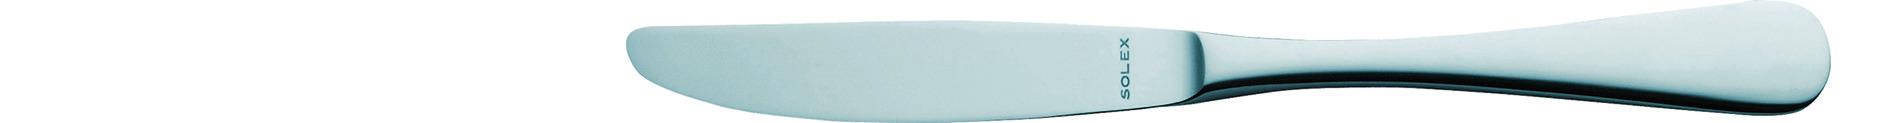 Dessertmesser Monoblock 211 mm